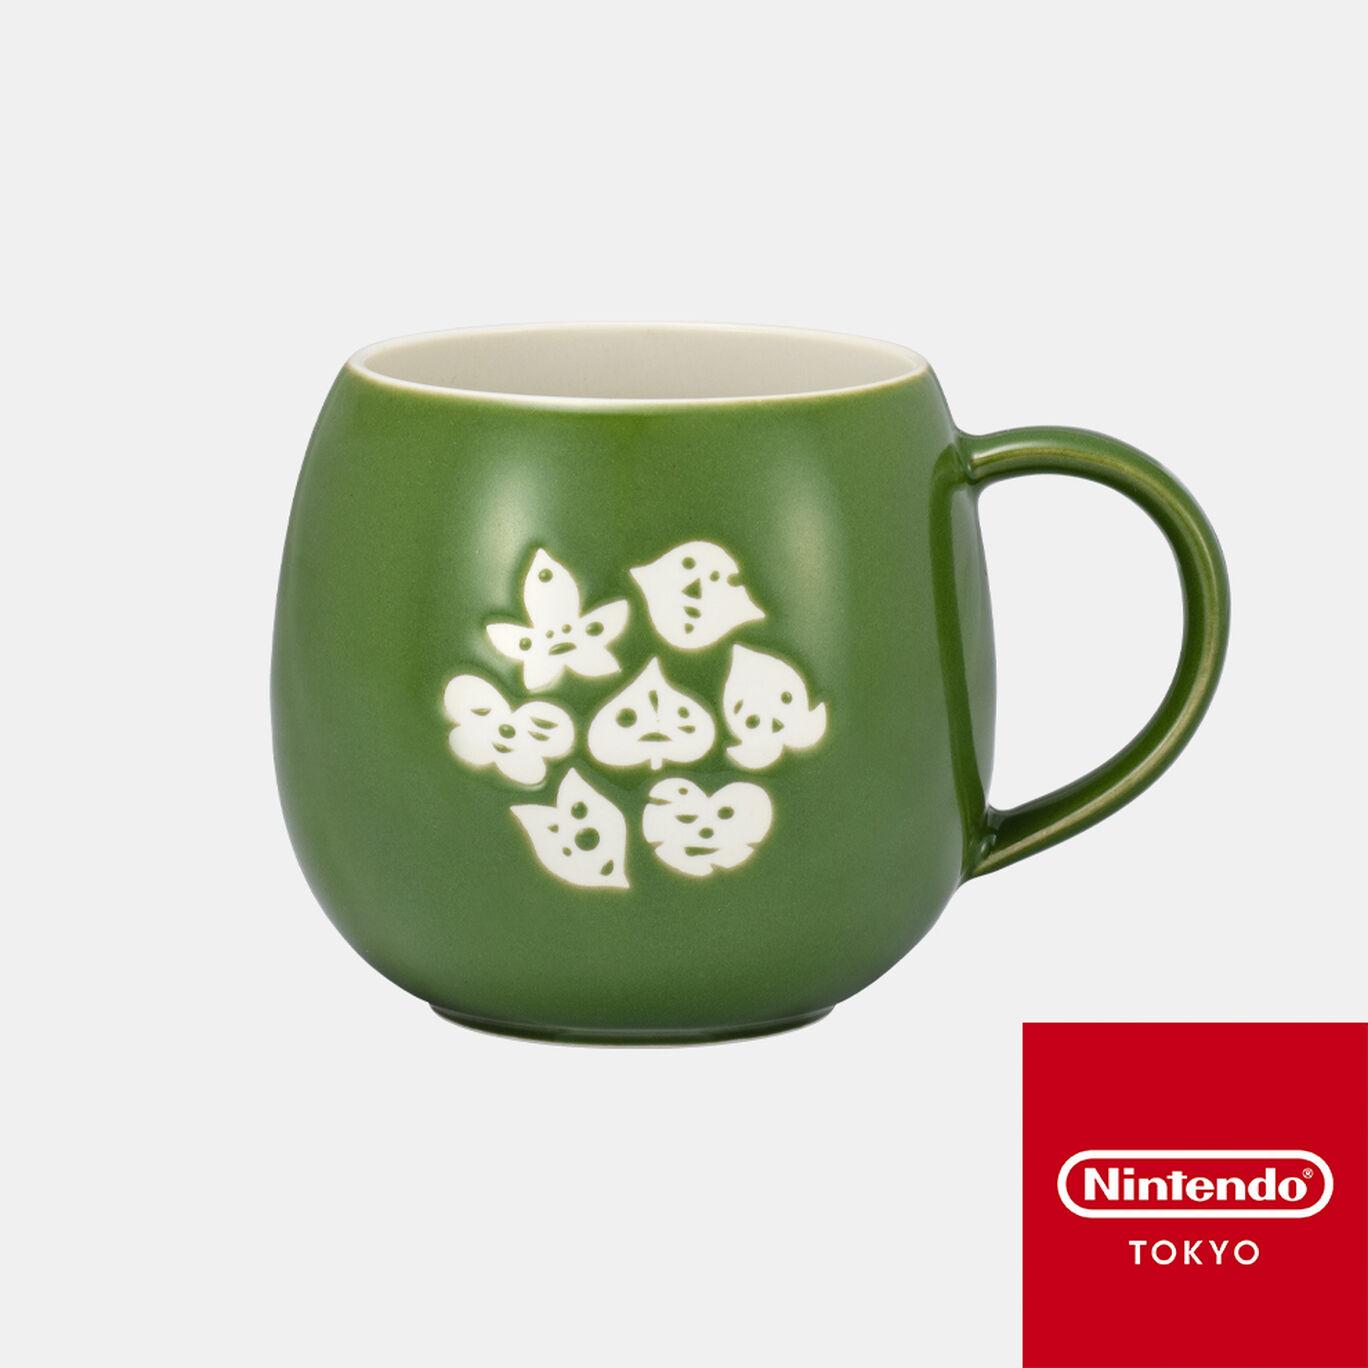 コログのマグカップ ゼルダの伝説【Nintendo TOKYO取り扱い商品】